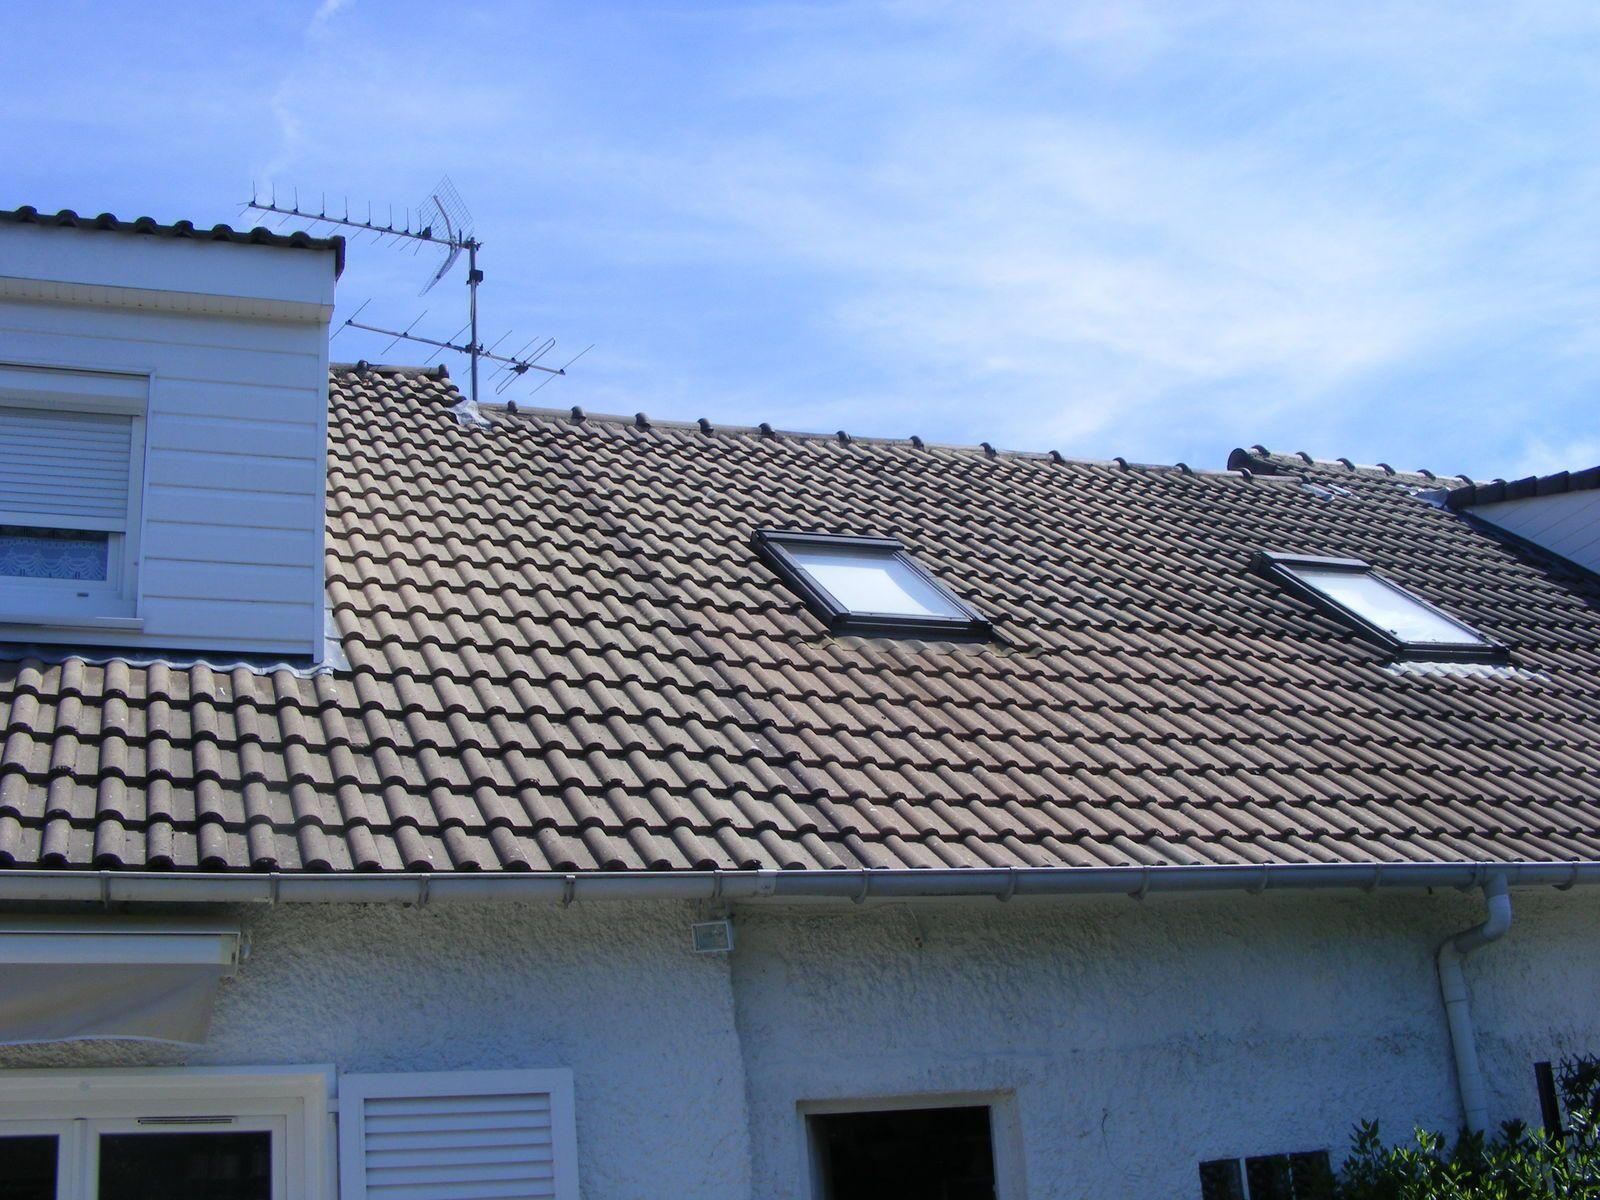 rebelotte pour une autre toiture maill e sur tuiles b ton. Black Bedroom Furniture Sets. Home Design Ideas